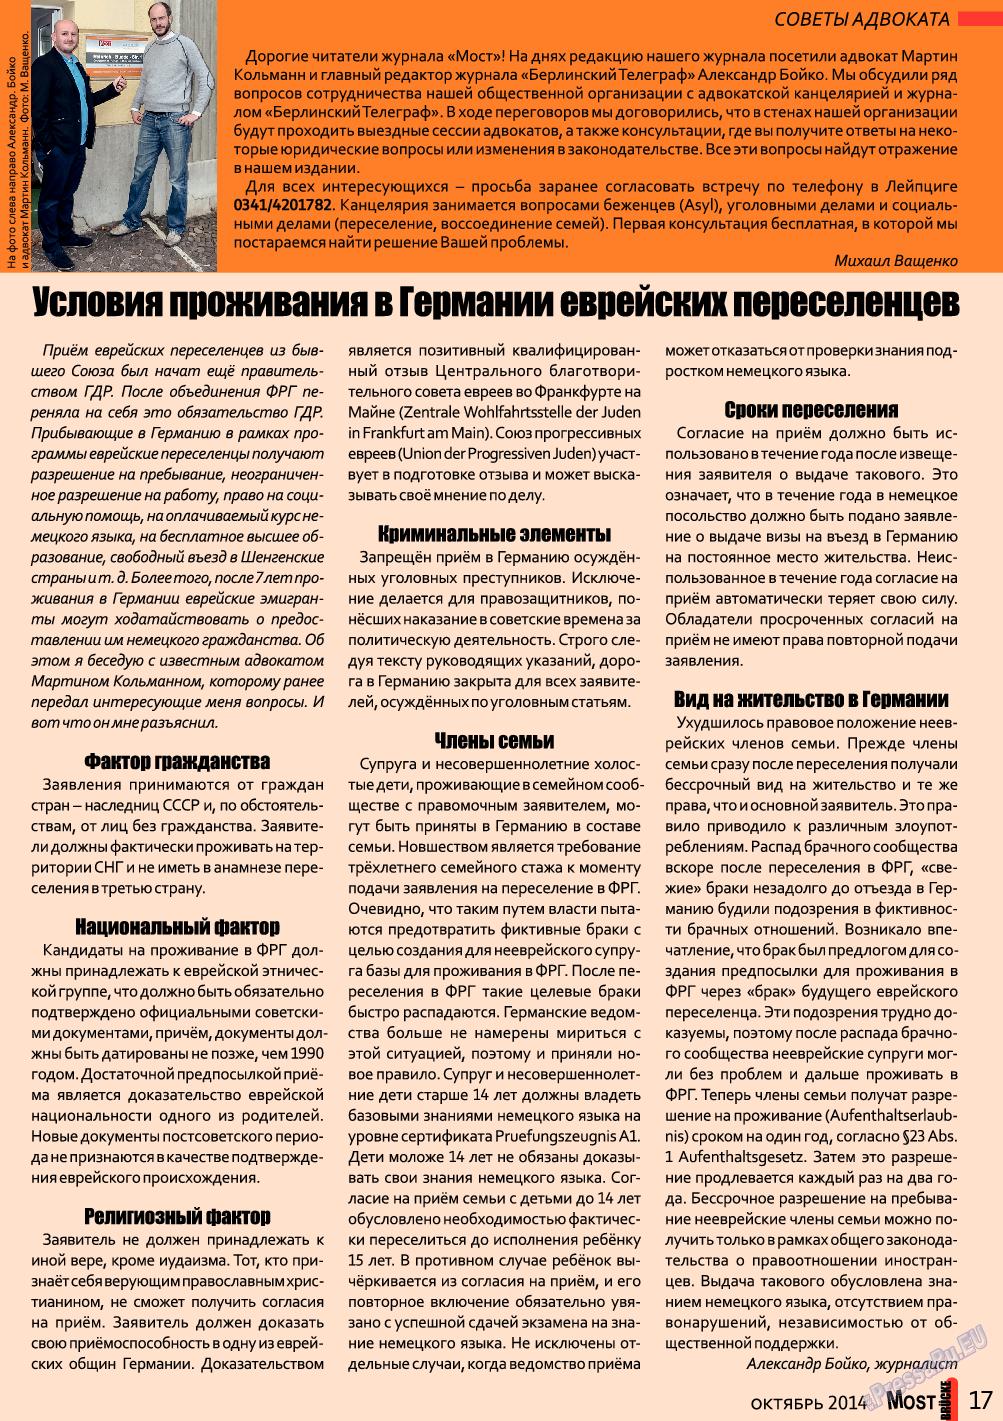 Мост (журнал). 2014 год, номер 10, стр. 17